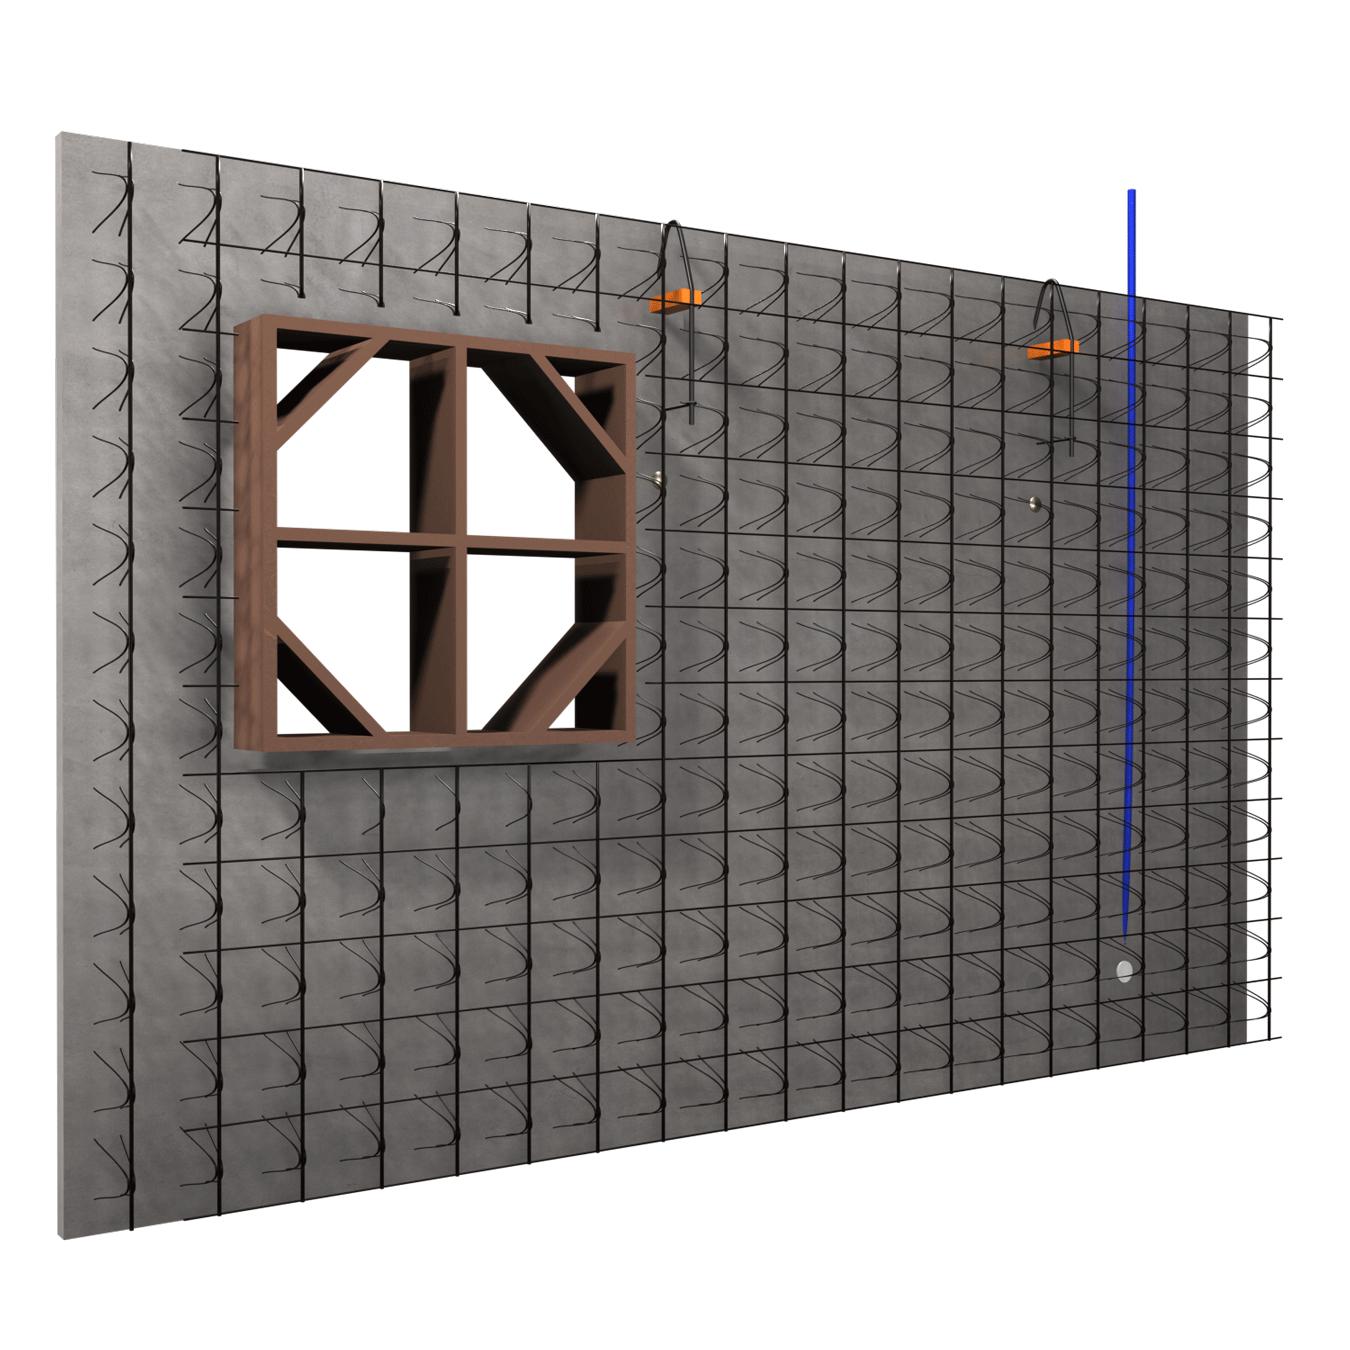 ARMACOFFRÉ® avec coffrage de fenêtre, boitier et gaine électrique – vue en éclaté de la paroi intérieure